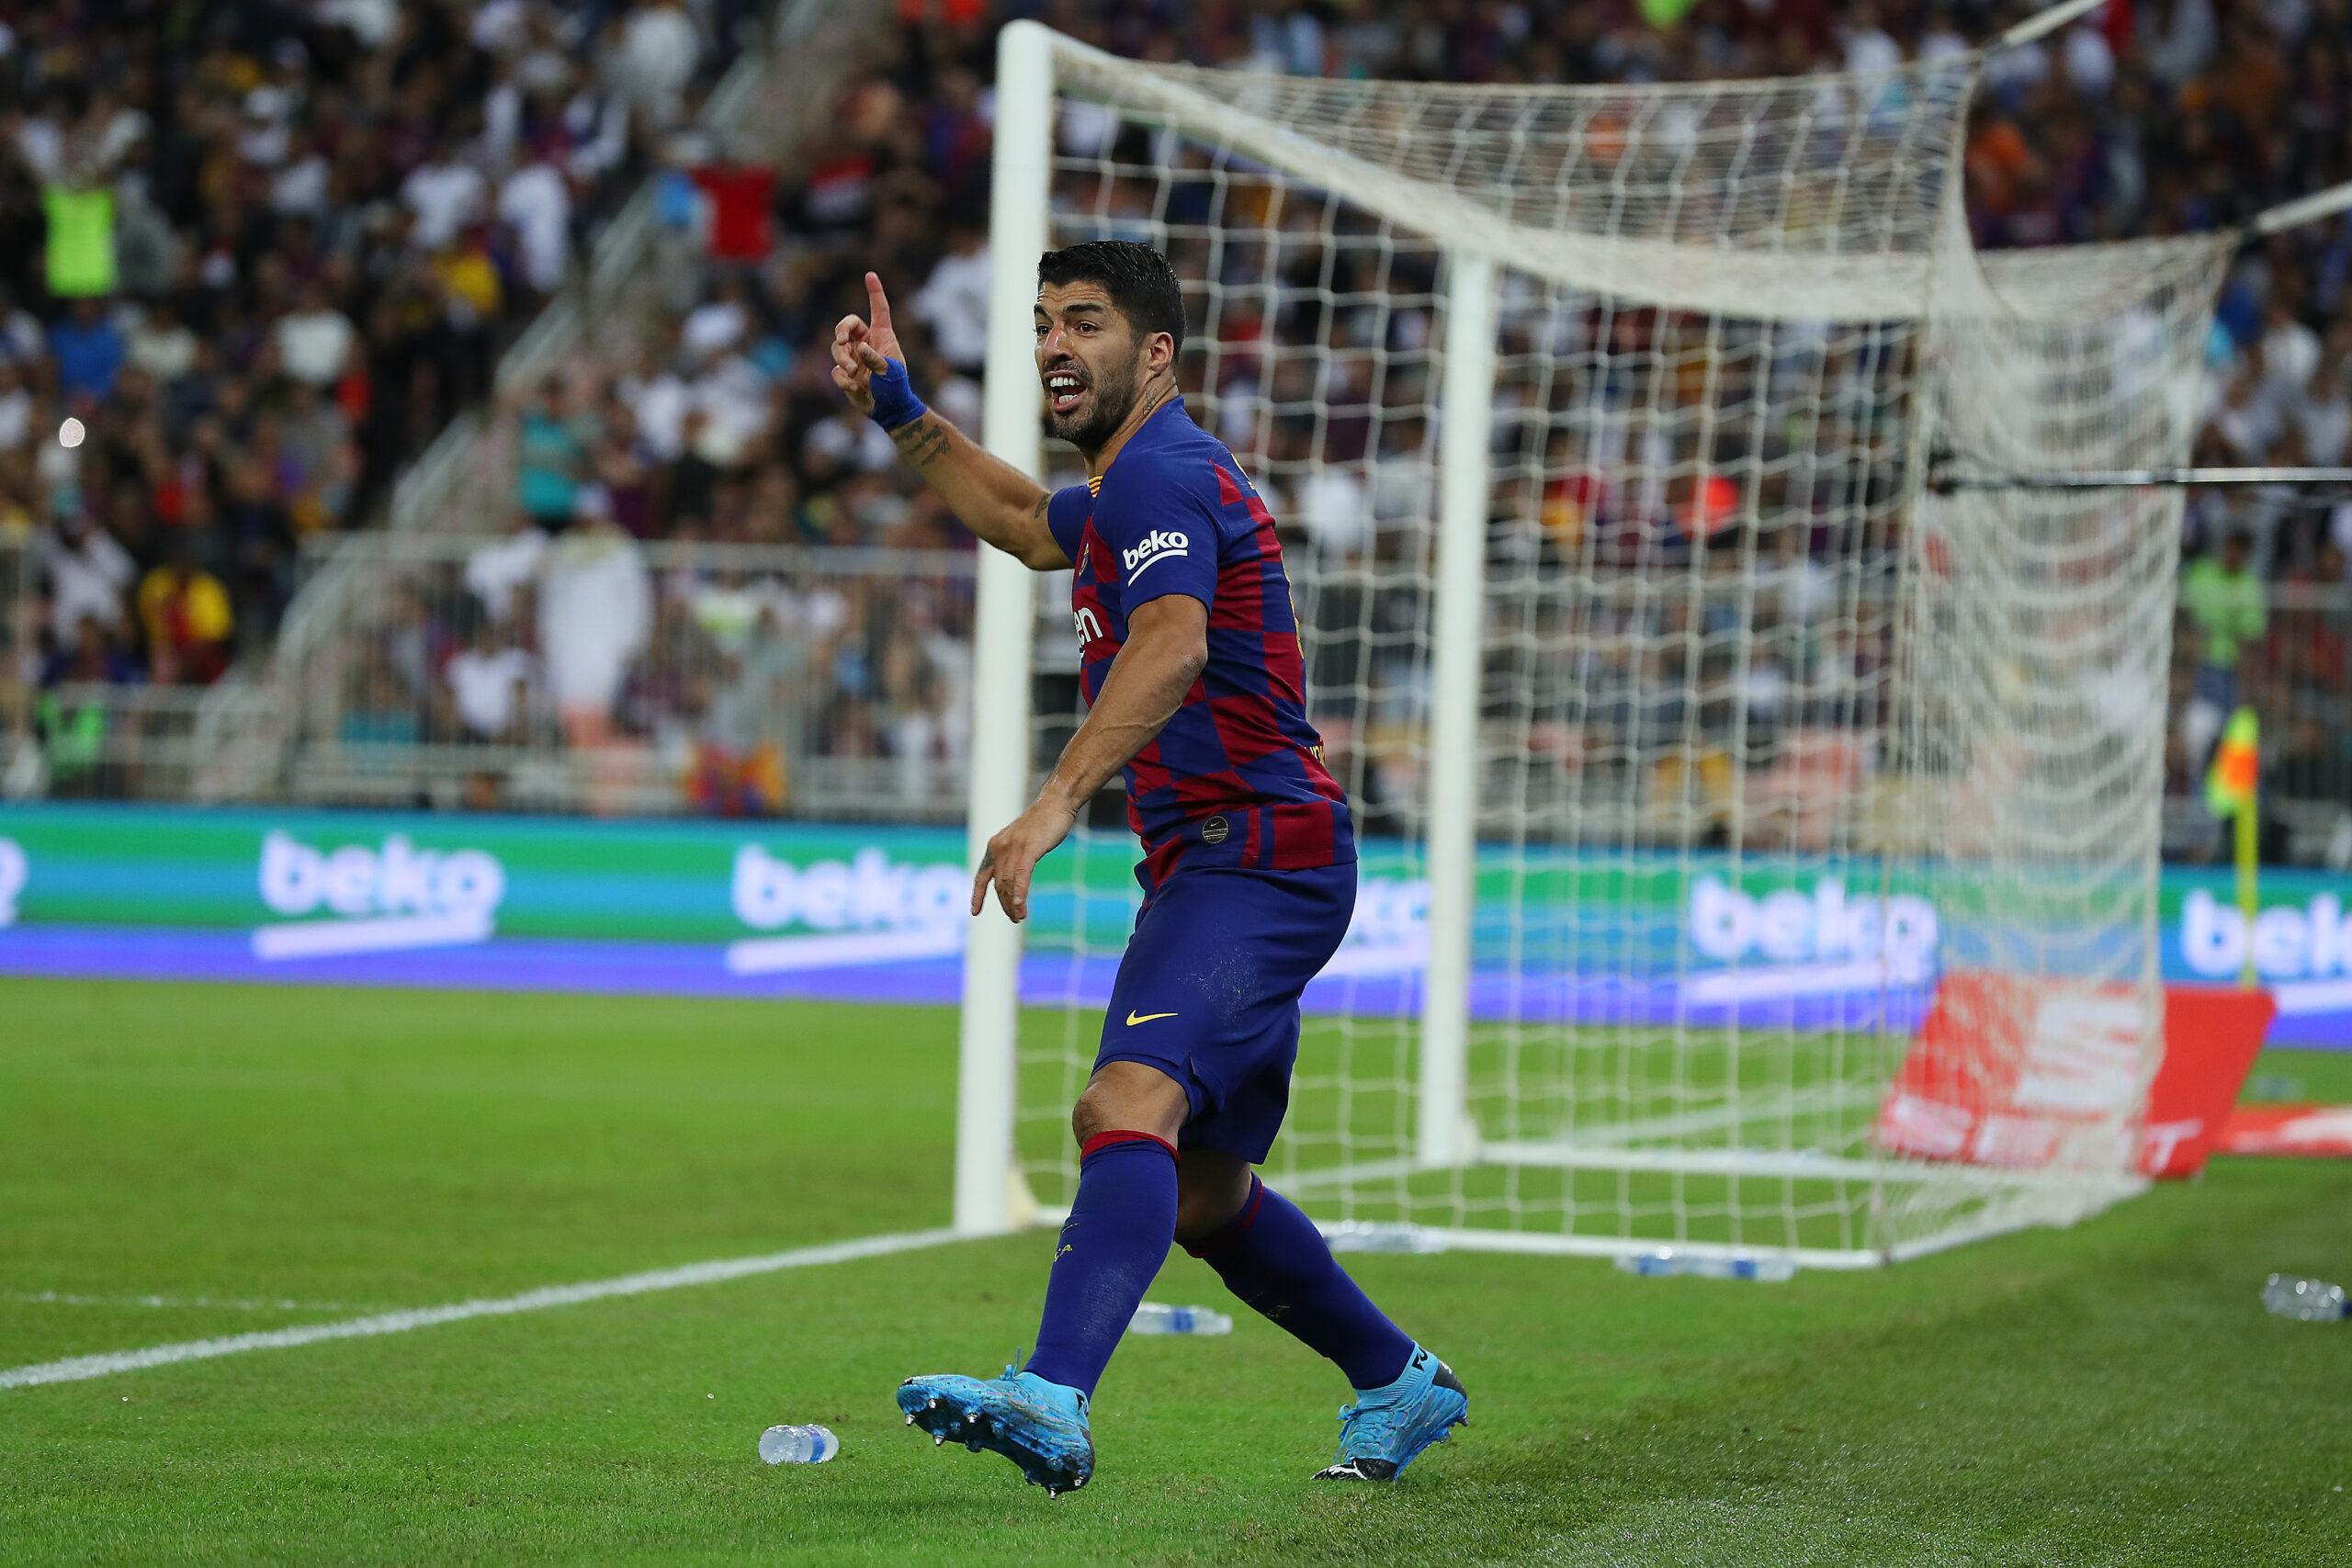 VIDEO: Desvelado el salario de Luis Suárez en el Atlético